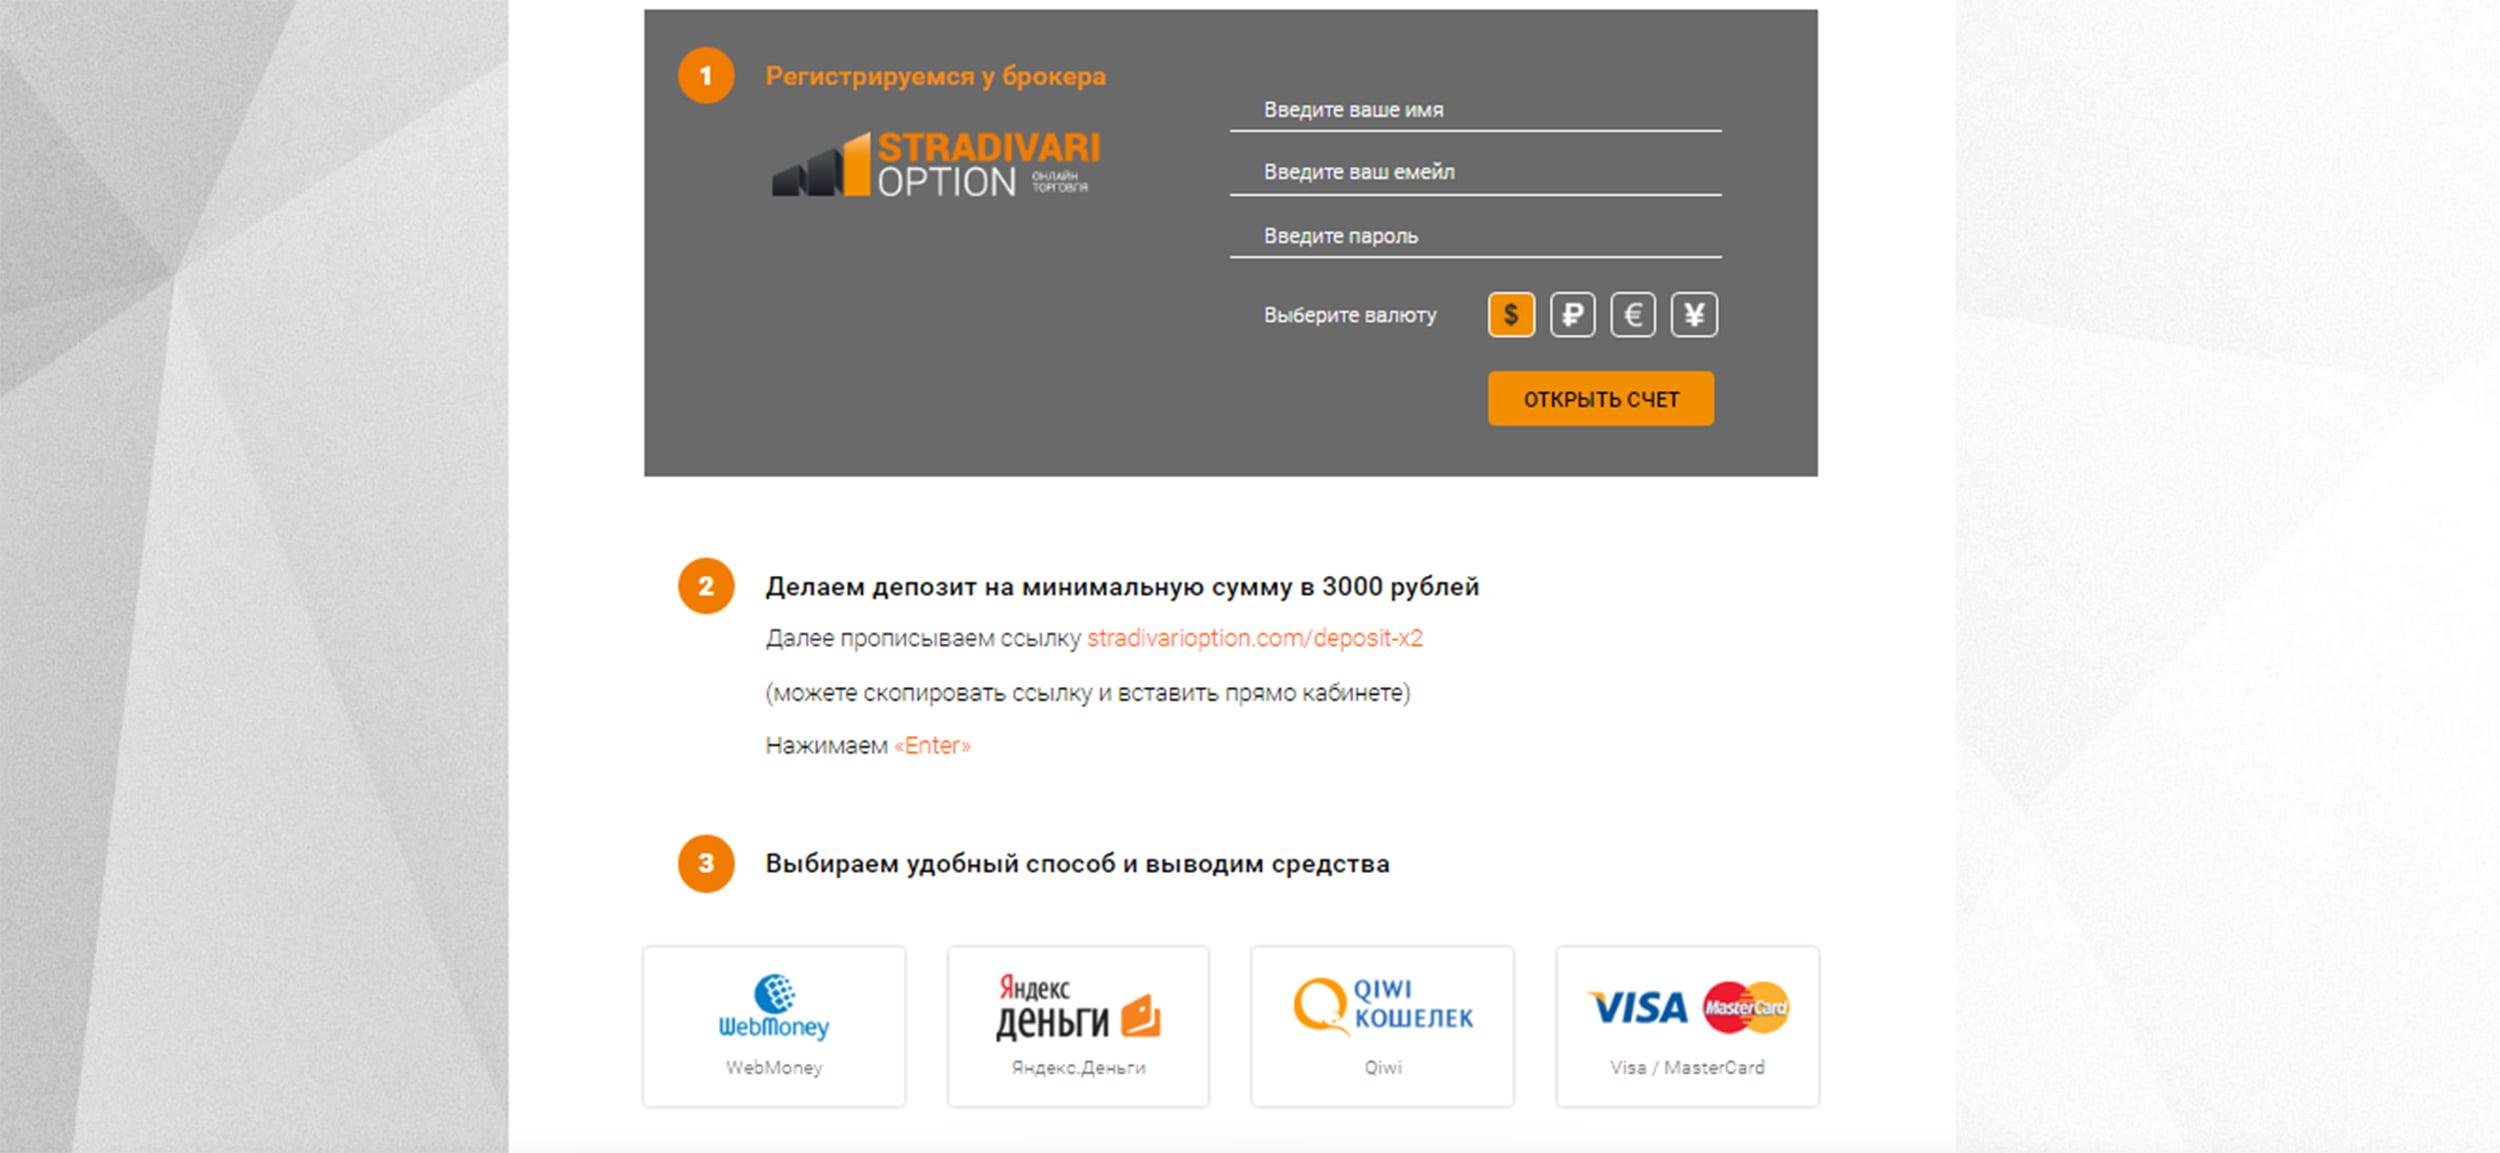 инструкция на сайте Obmanoption.com